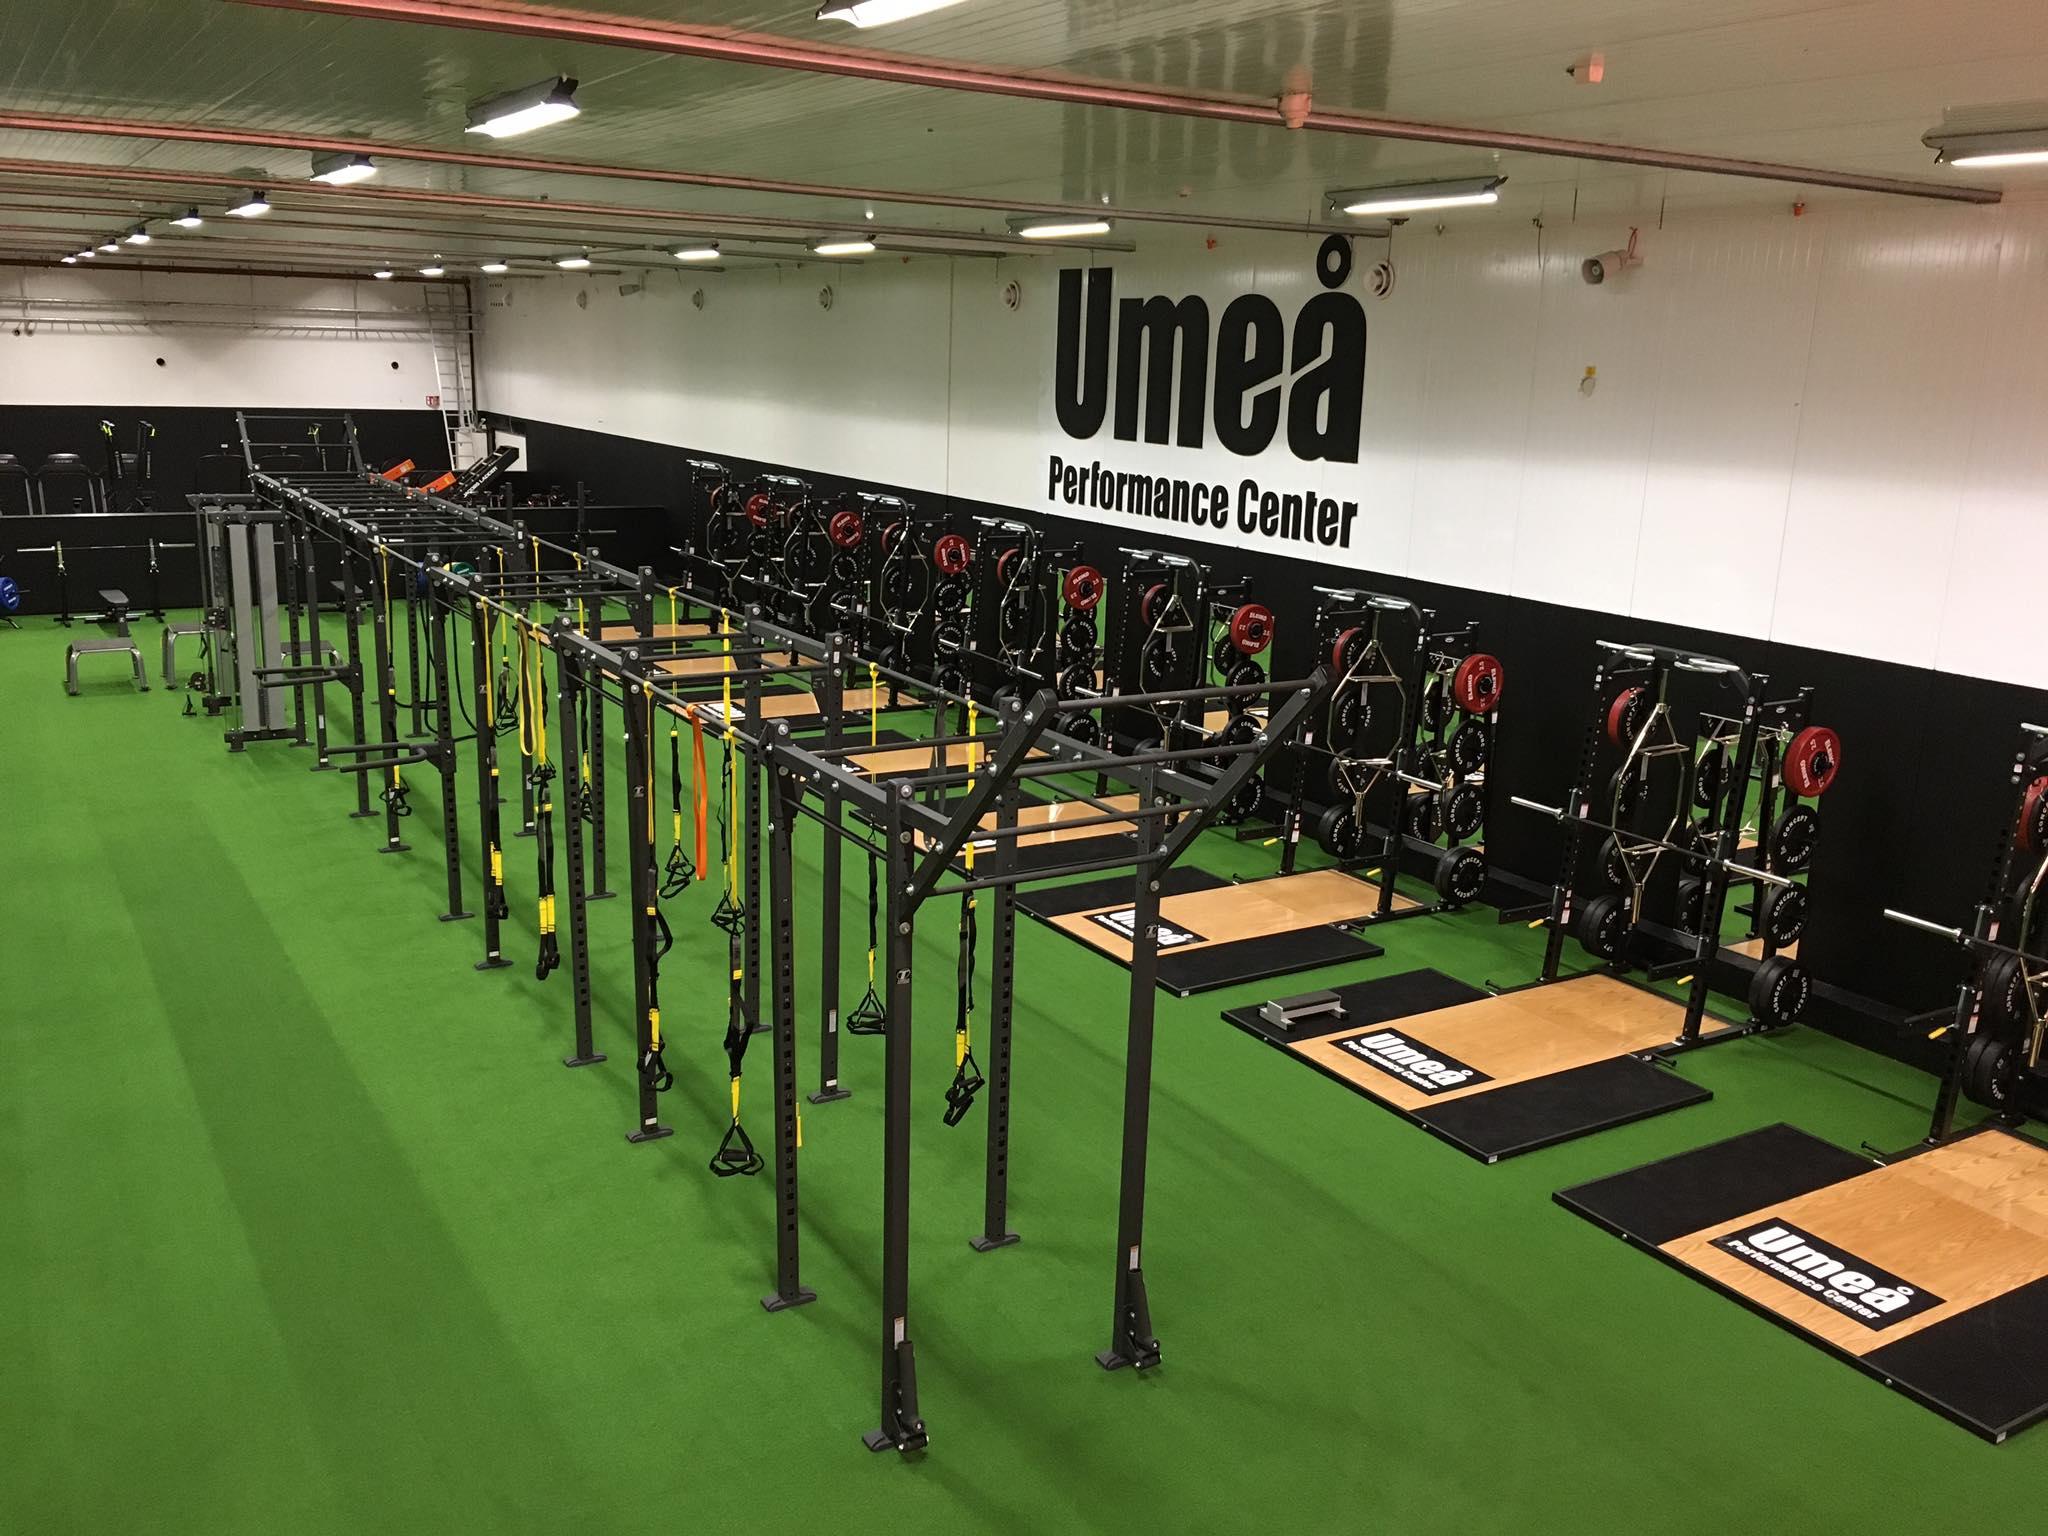 konstgräs gym träningsanläggning gymanläggning löparbana unisport